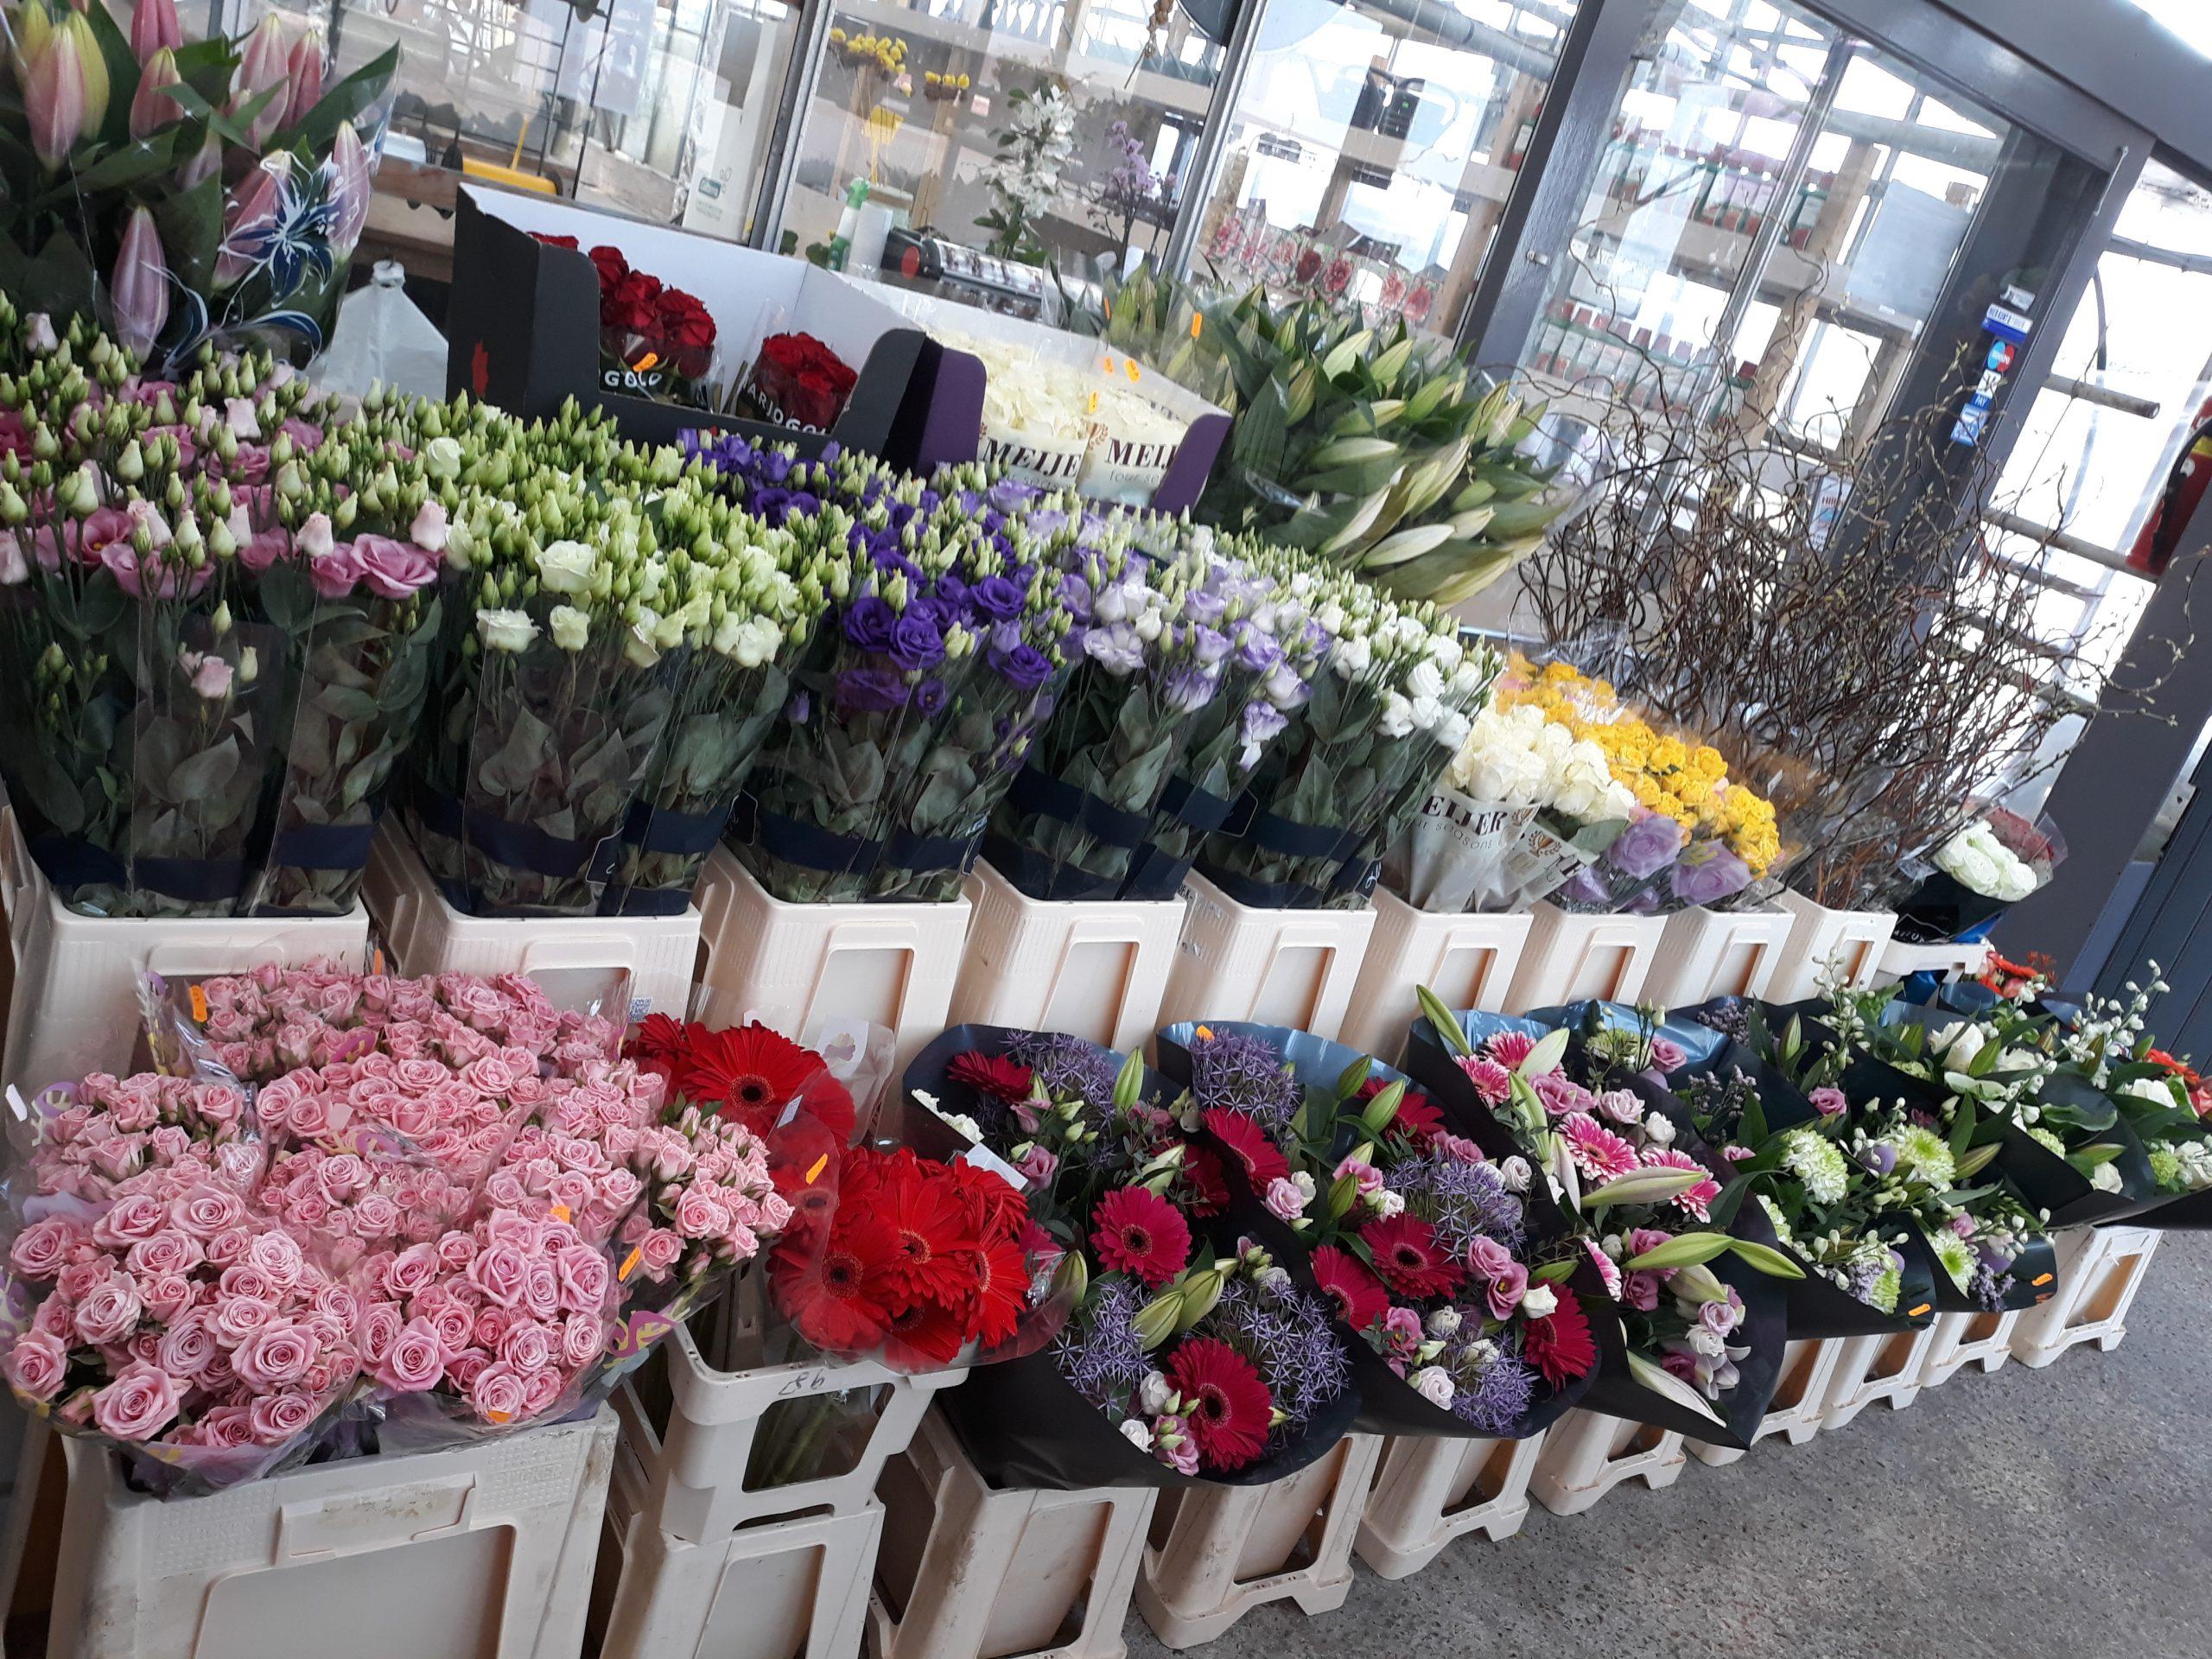 bloemen en boeketten bij Jonkheer Plantencentrum Hillegom